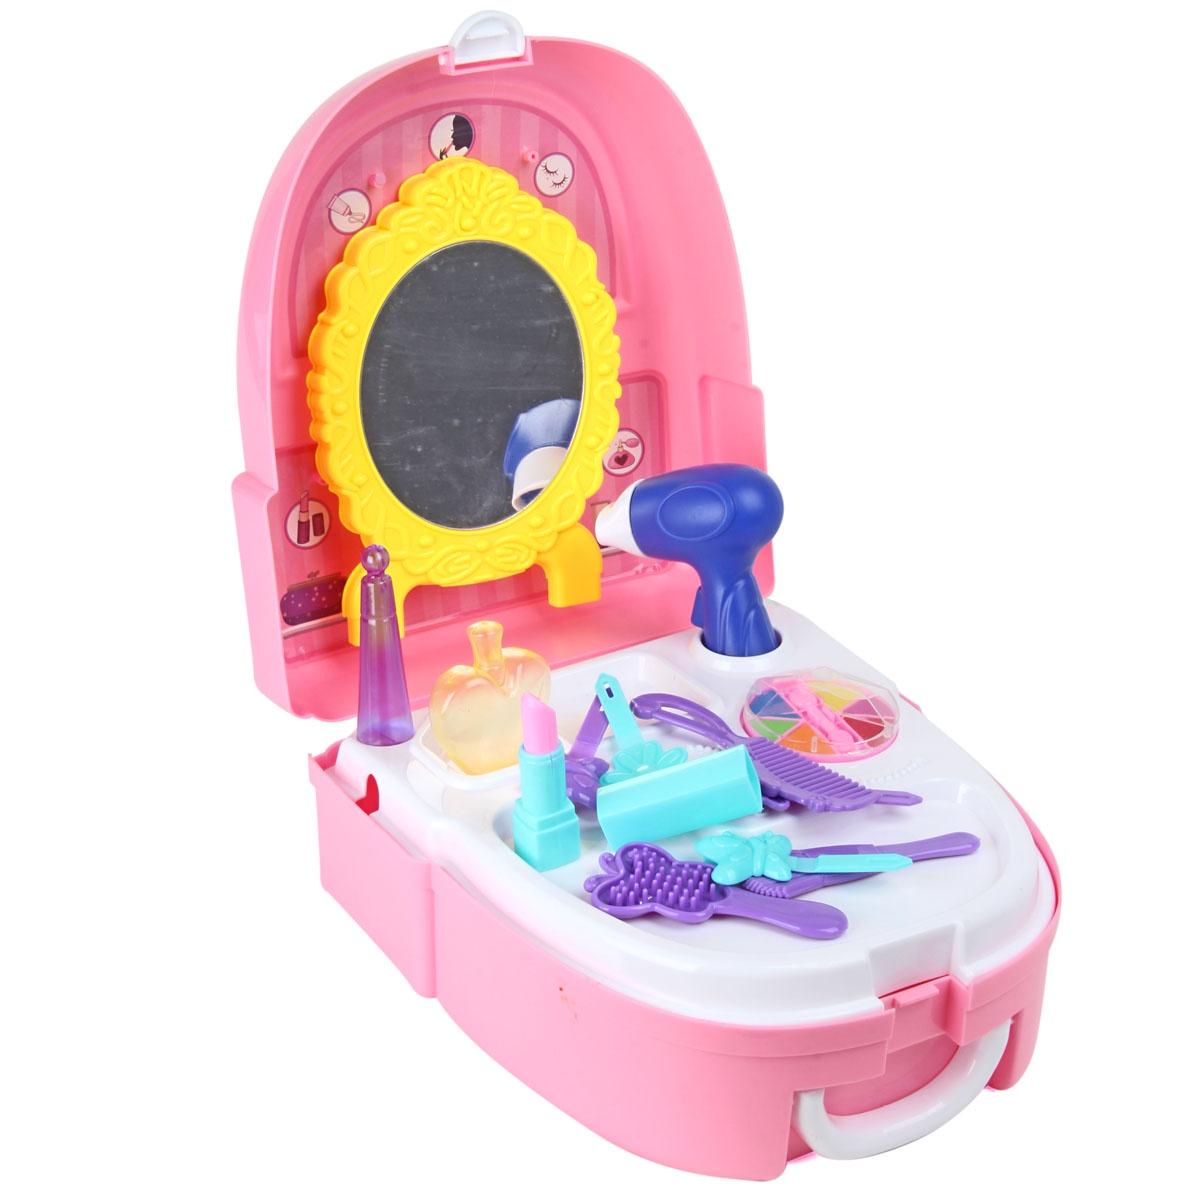 Сюжетно-ролевые игрушки Veld Co 82188